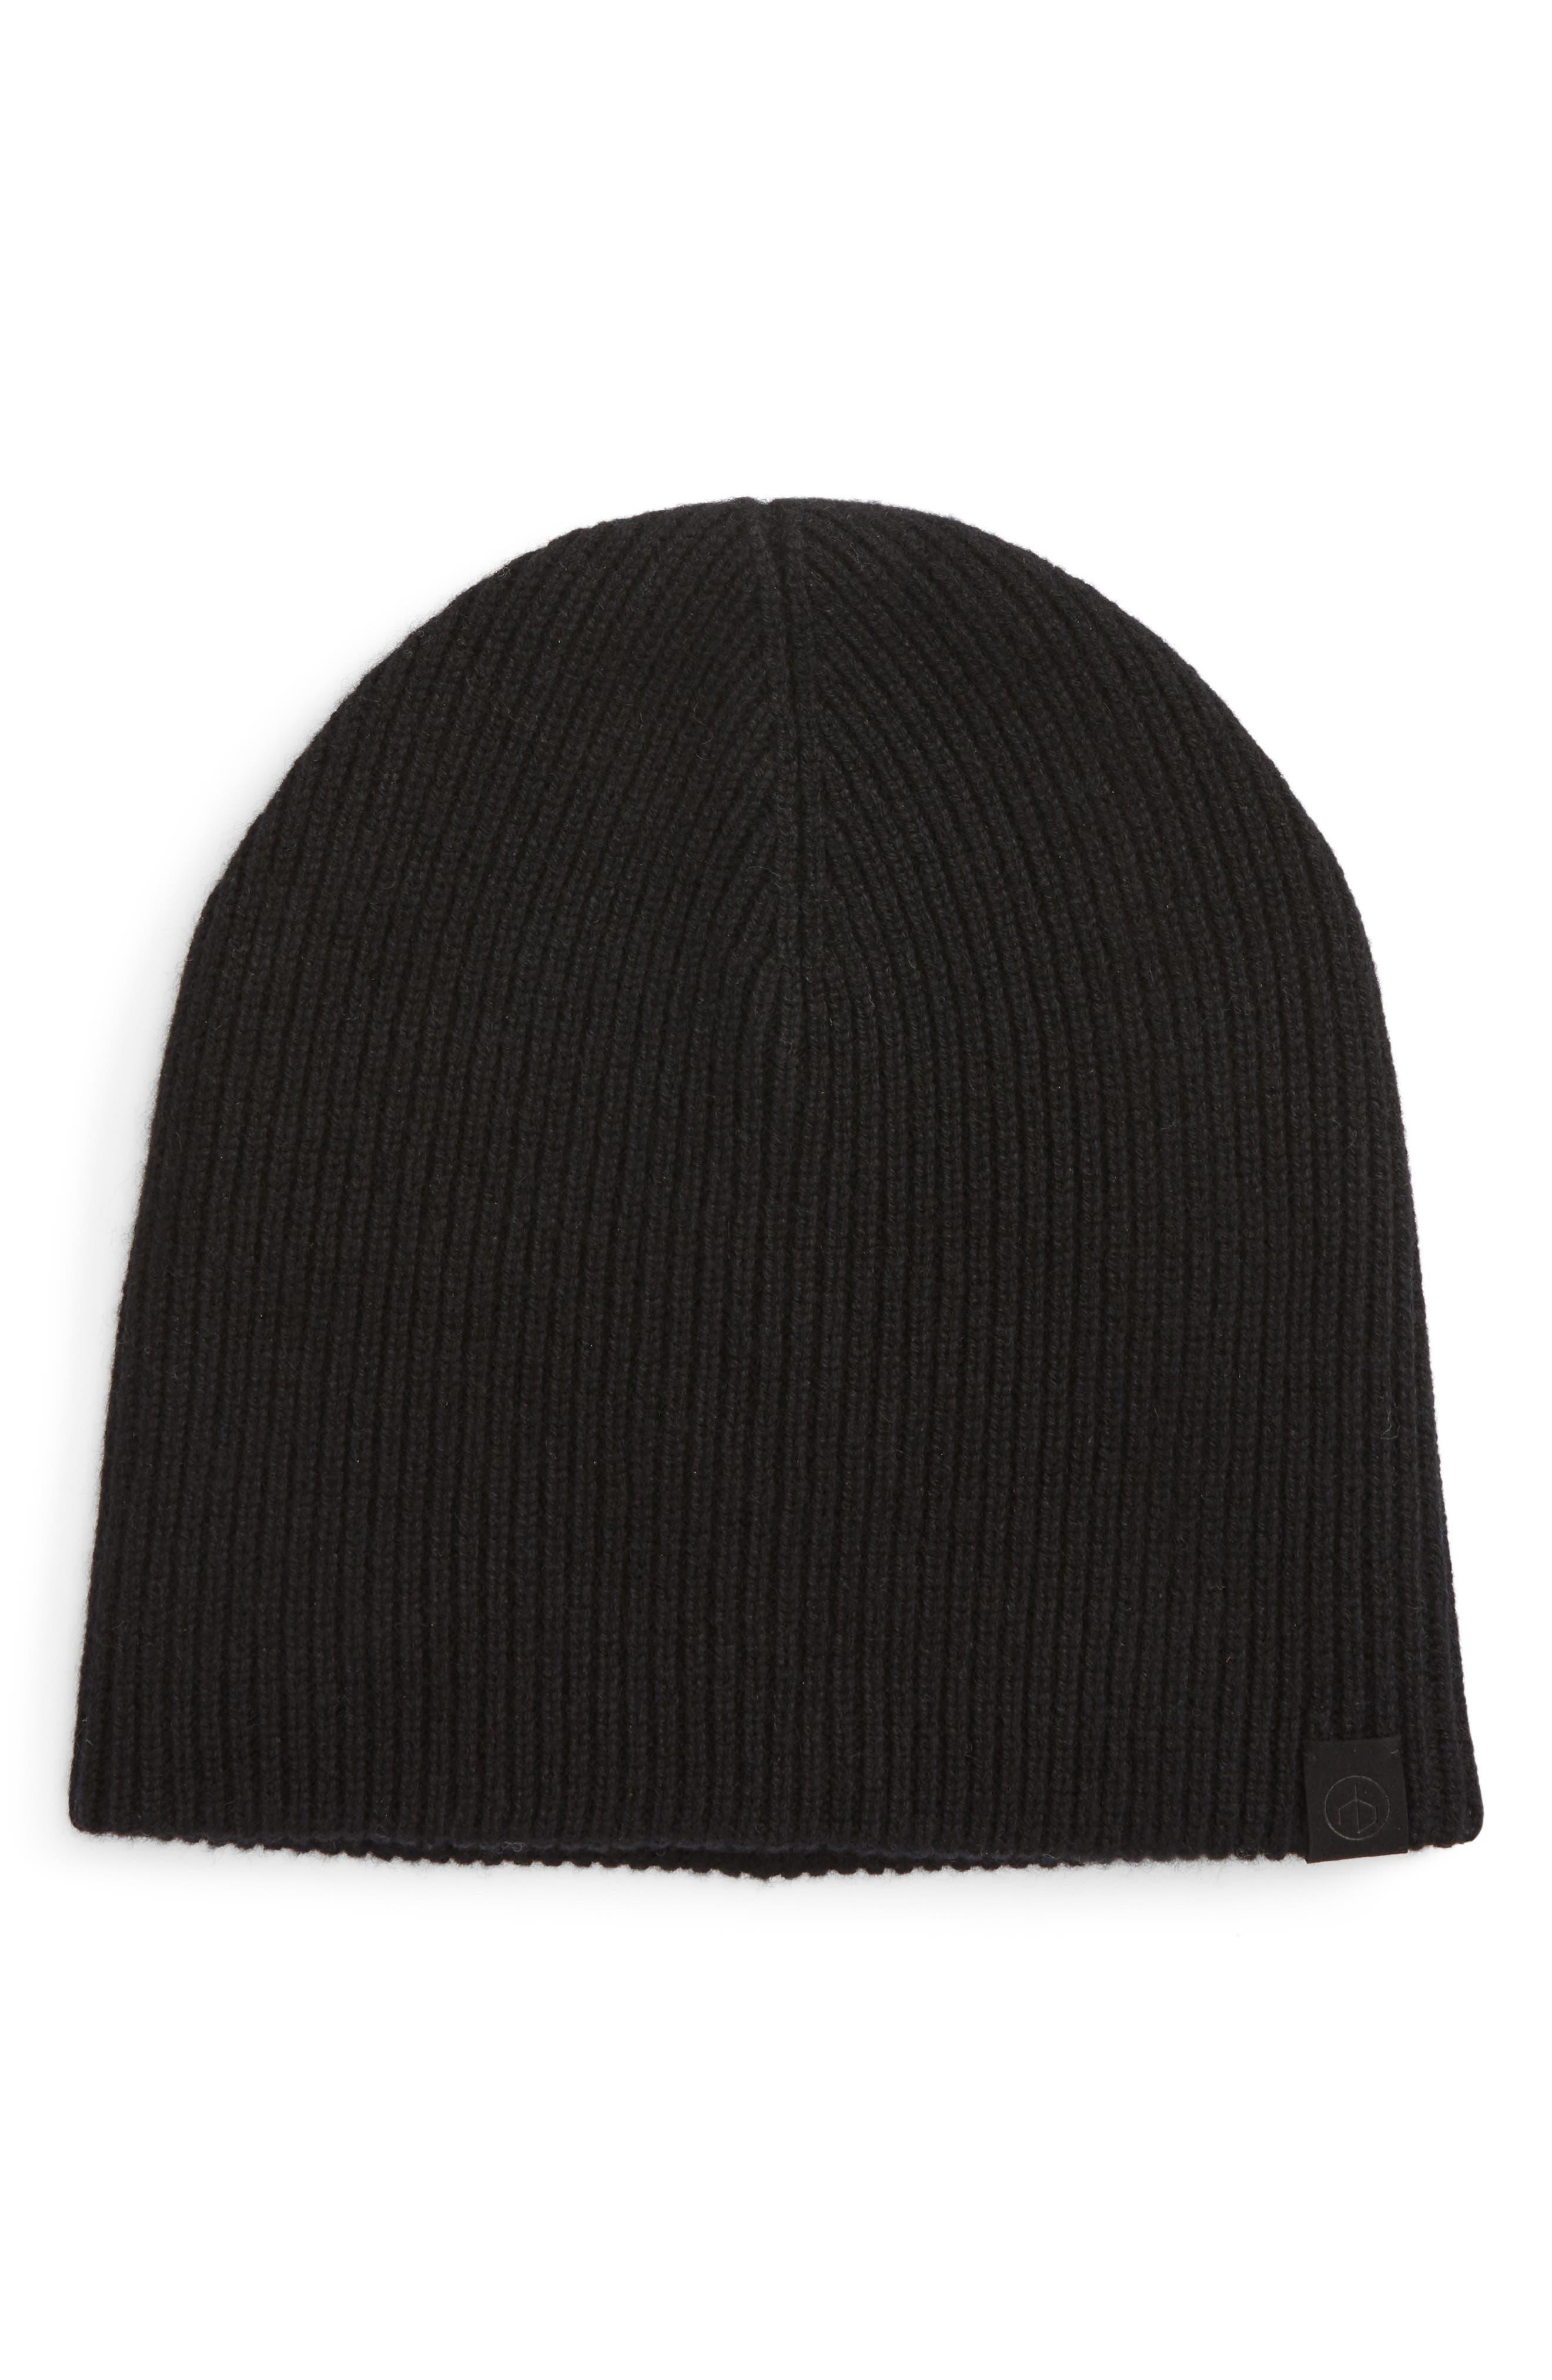 Ace Cashmere Knit Cap,                         Main,                         color, 001